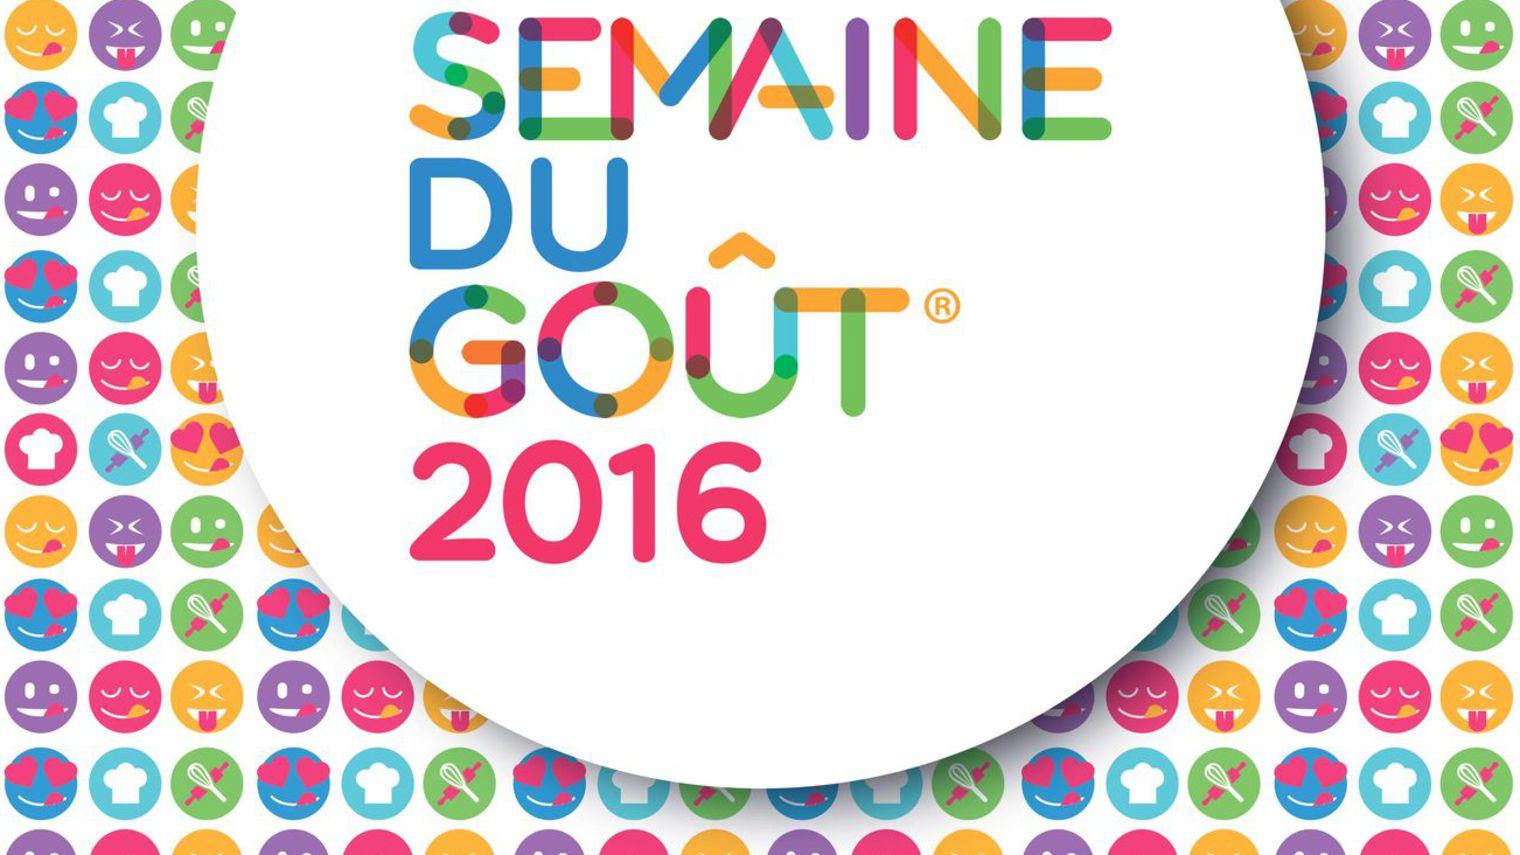 semaine-du-gout-2016_5622017